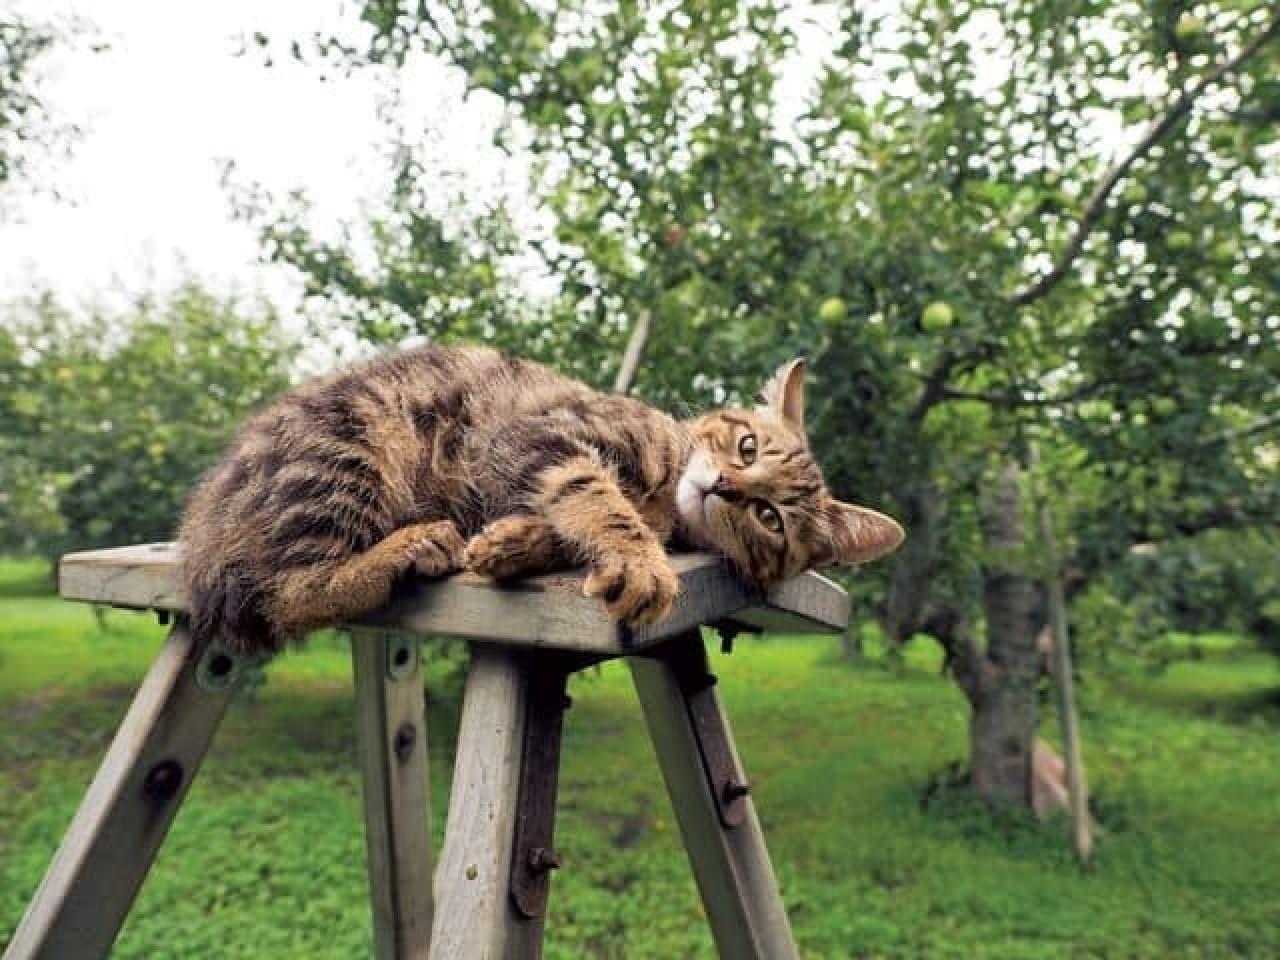 岩合光昭さんの写真展「ふるさとのねこ」夏2:脚立の上に寝転ぶネコ